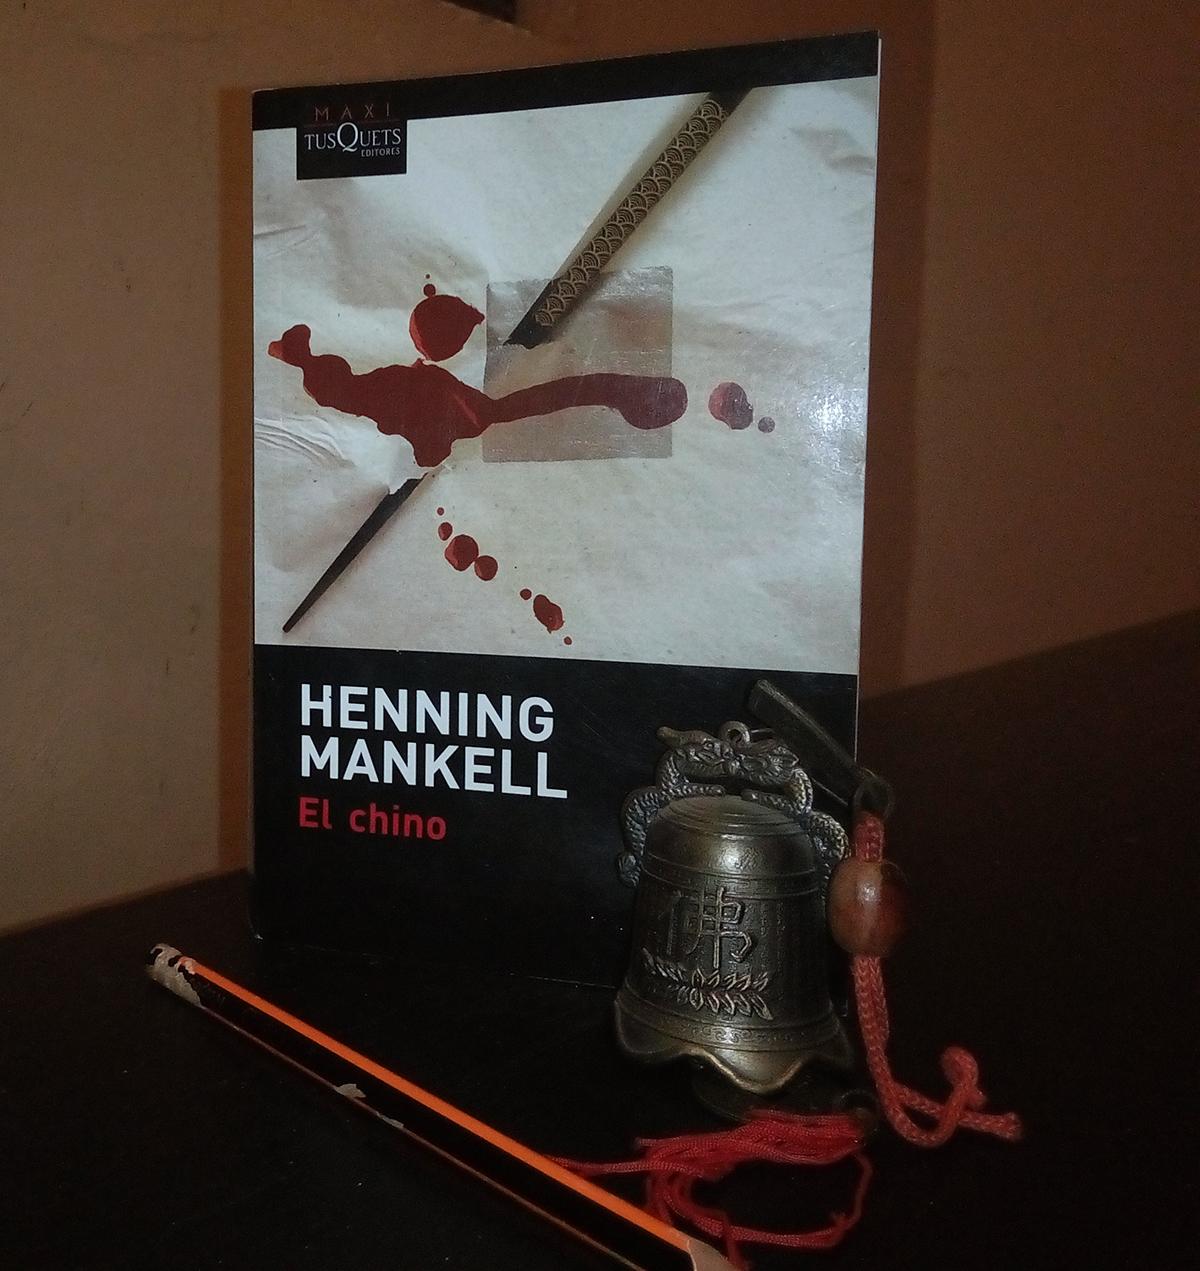 0879a484 El chino. Henning Mankell - Páginas Colaterales / Blog de lectura